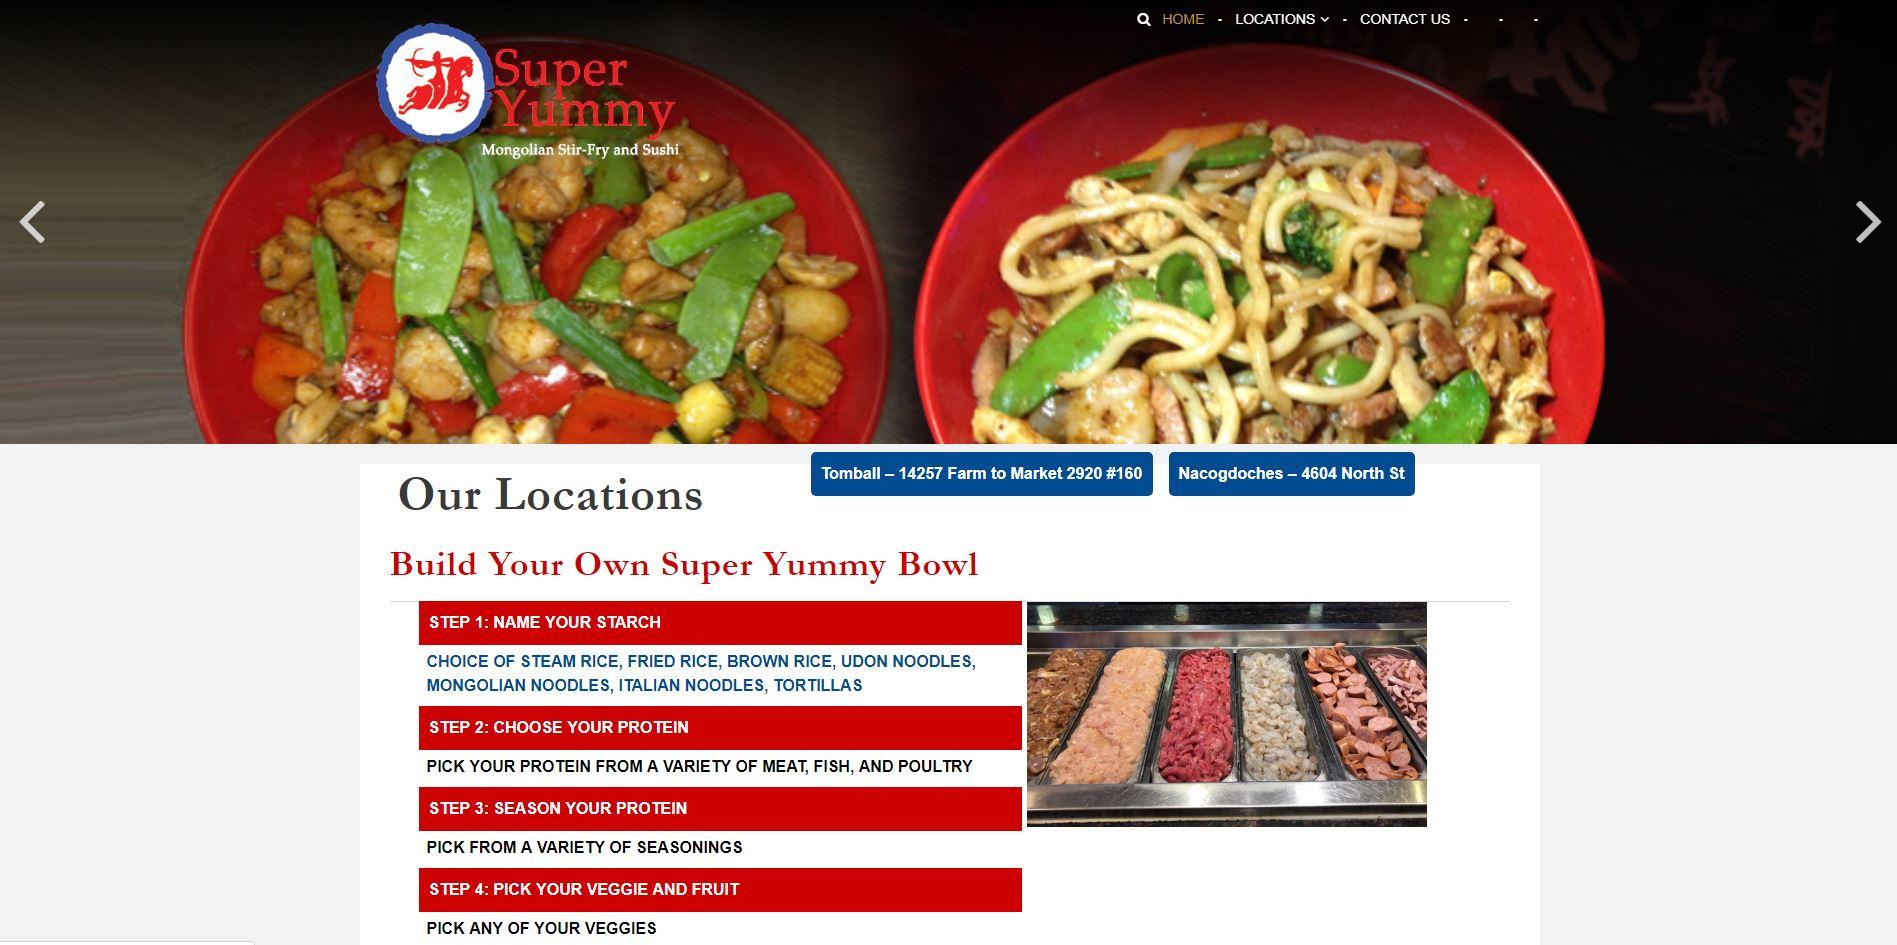 www.superyummystirfry.com